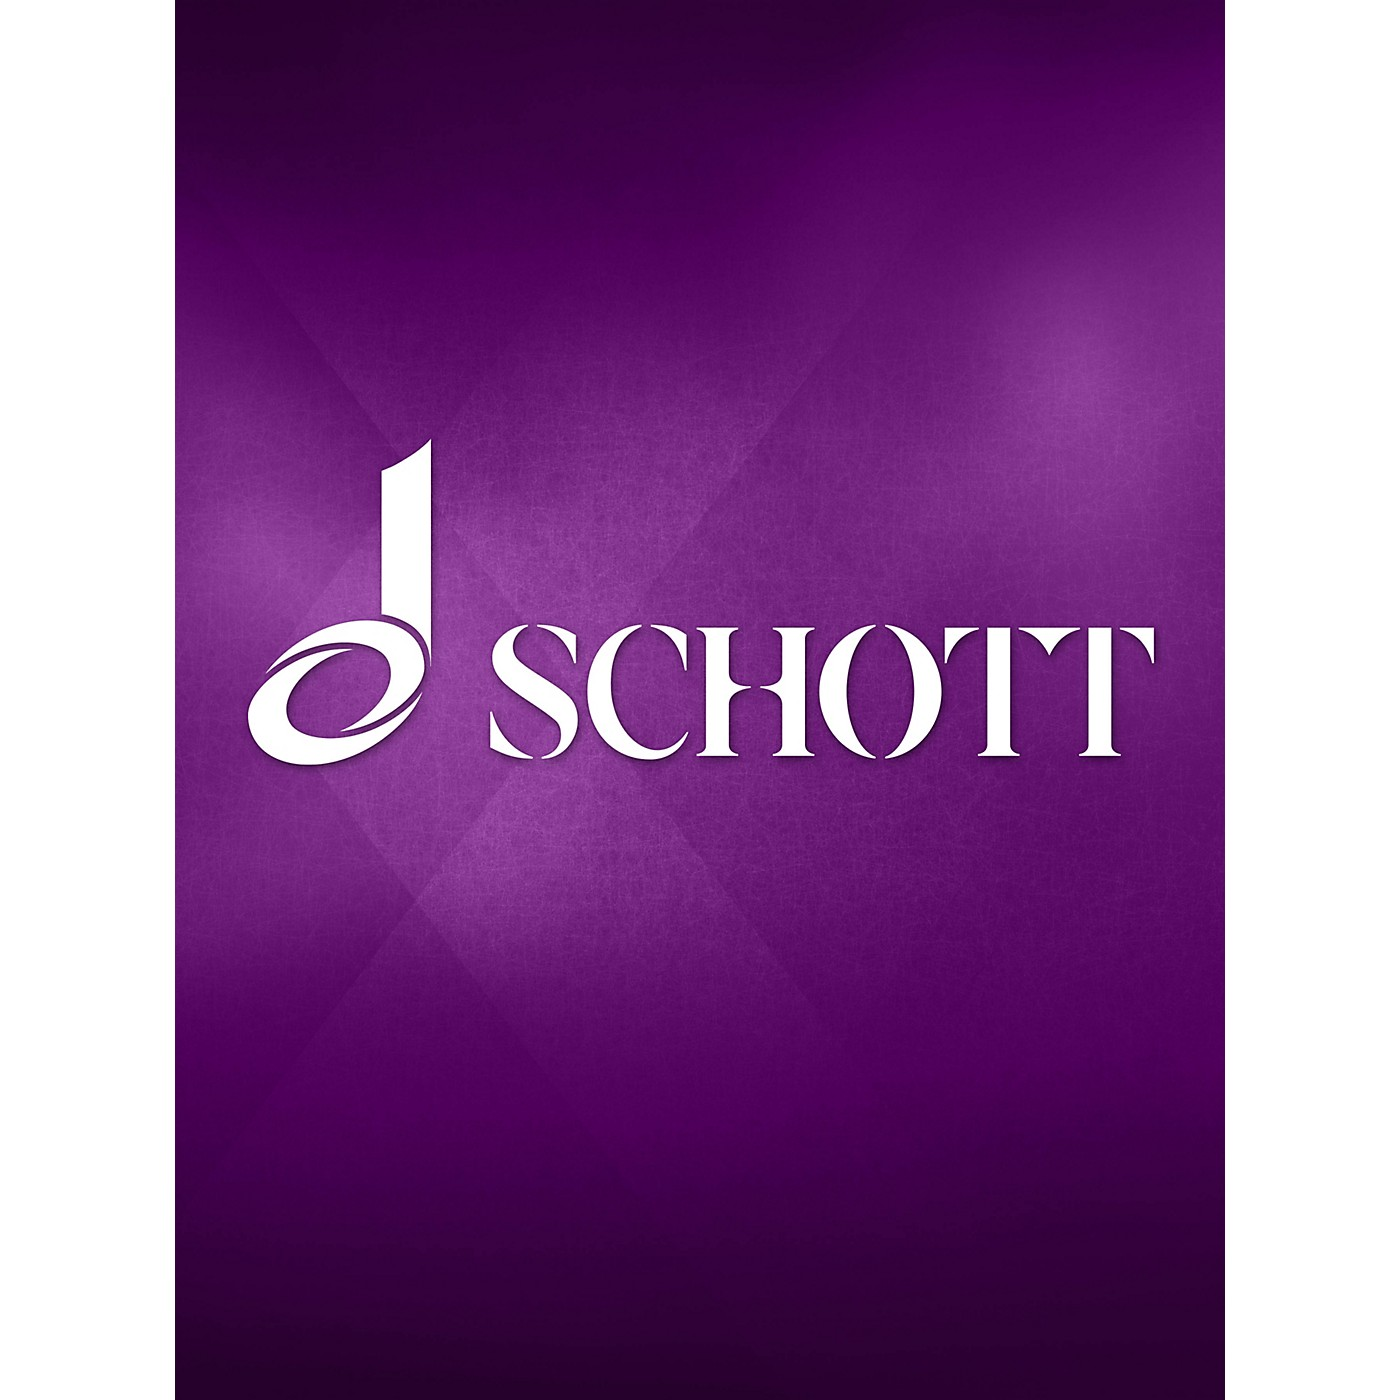 Glocken Verlag Lehár Melodien Vol. 2 (for Violin) Schott Series thumbnail